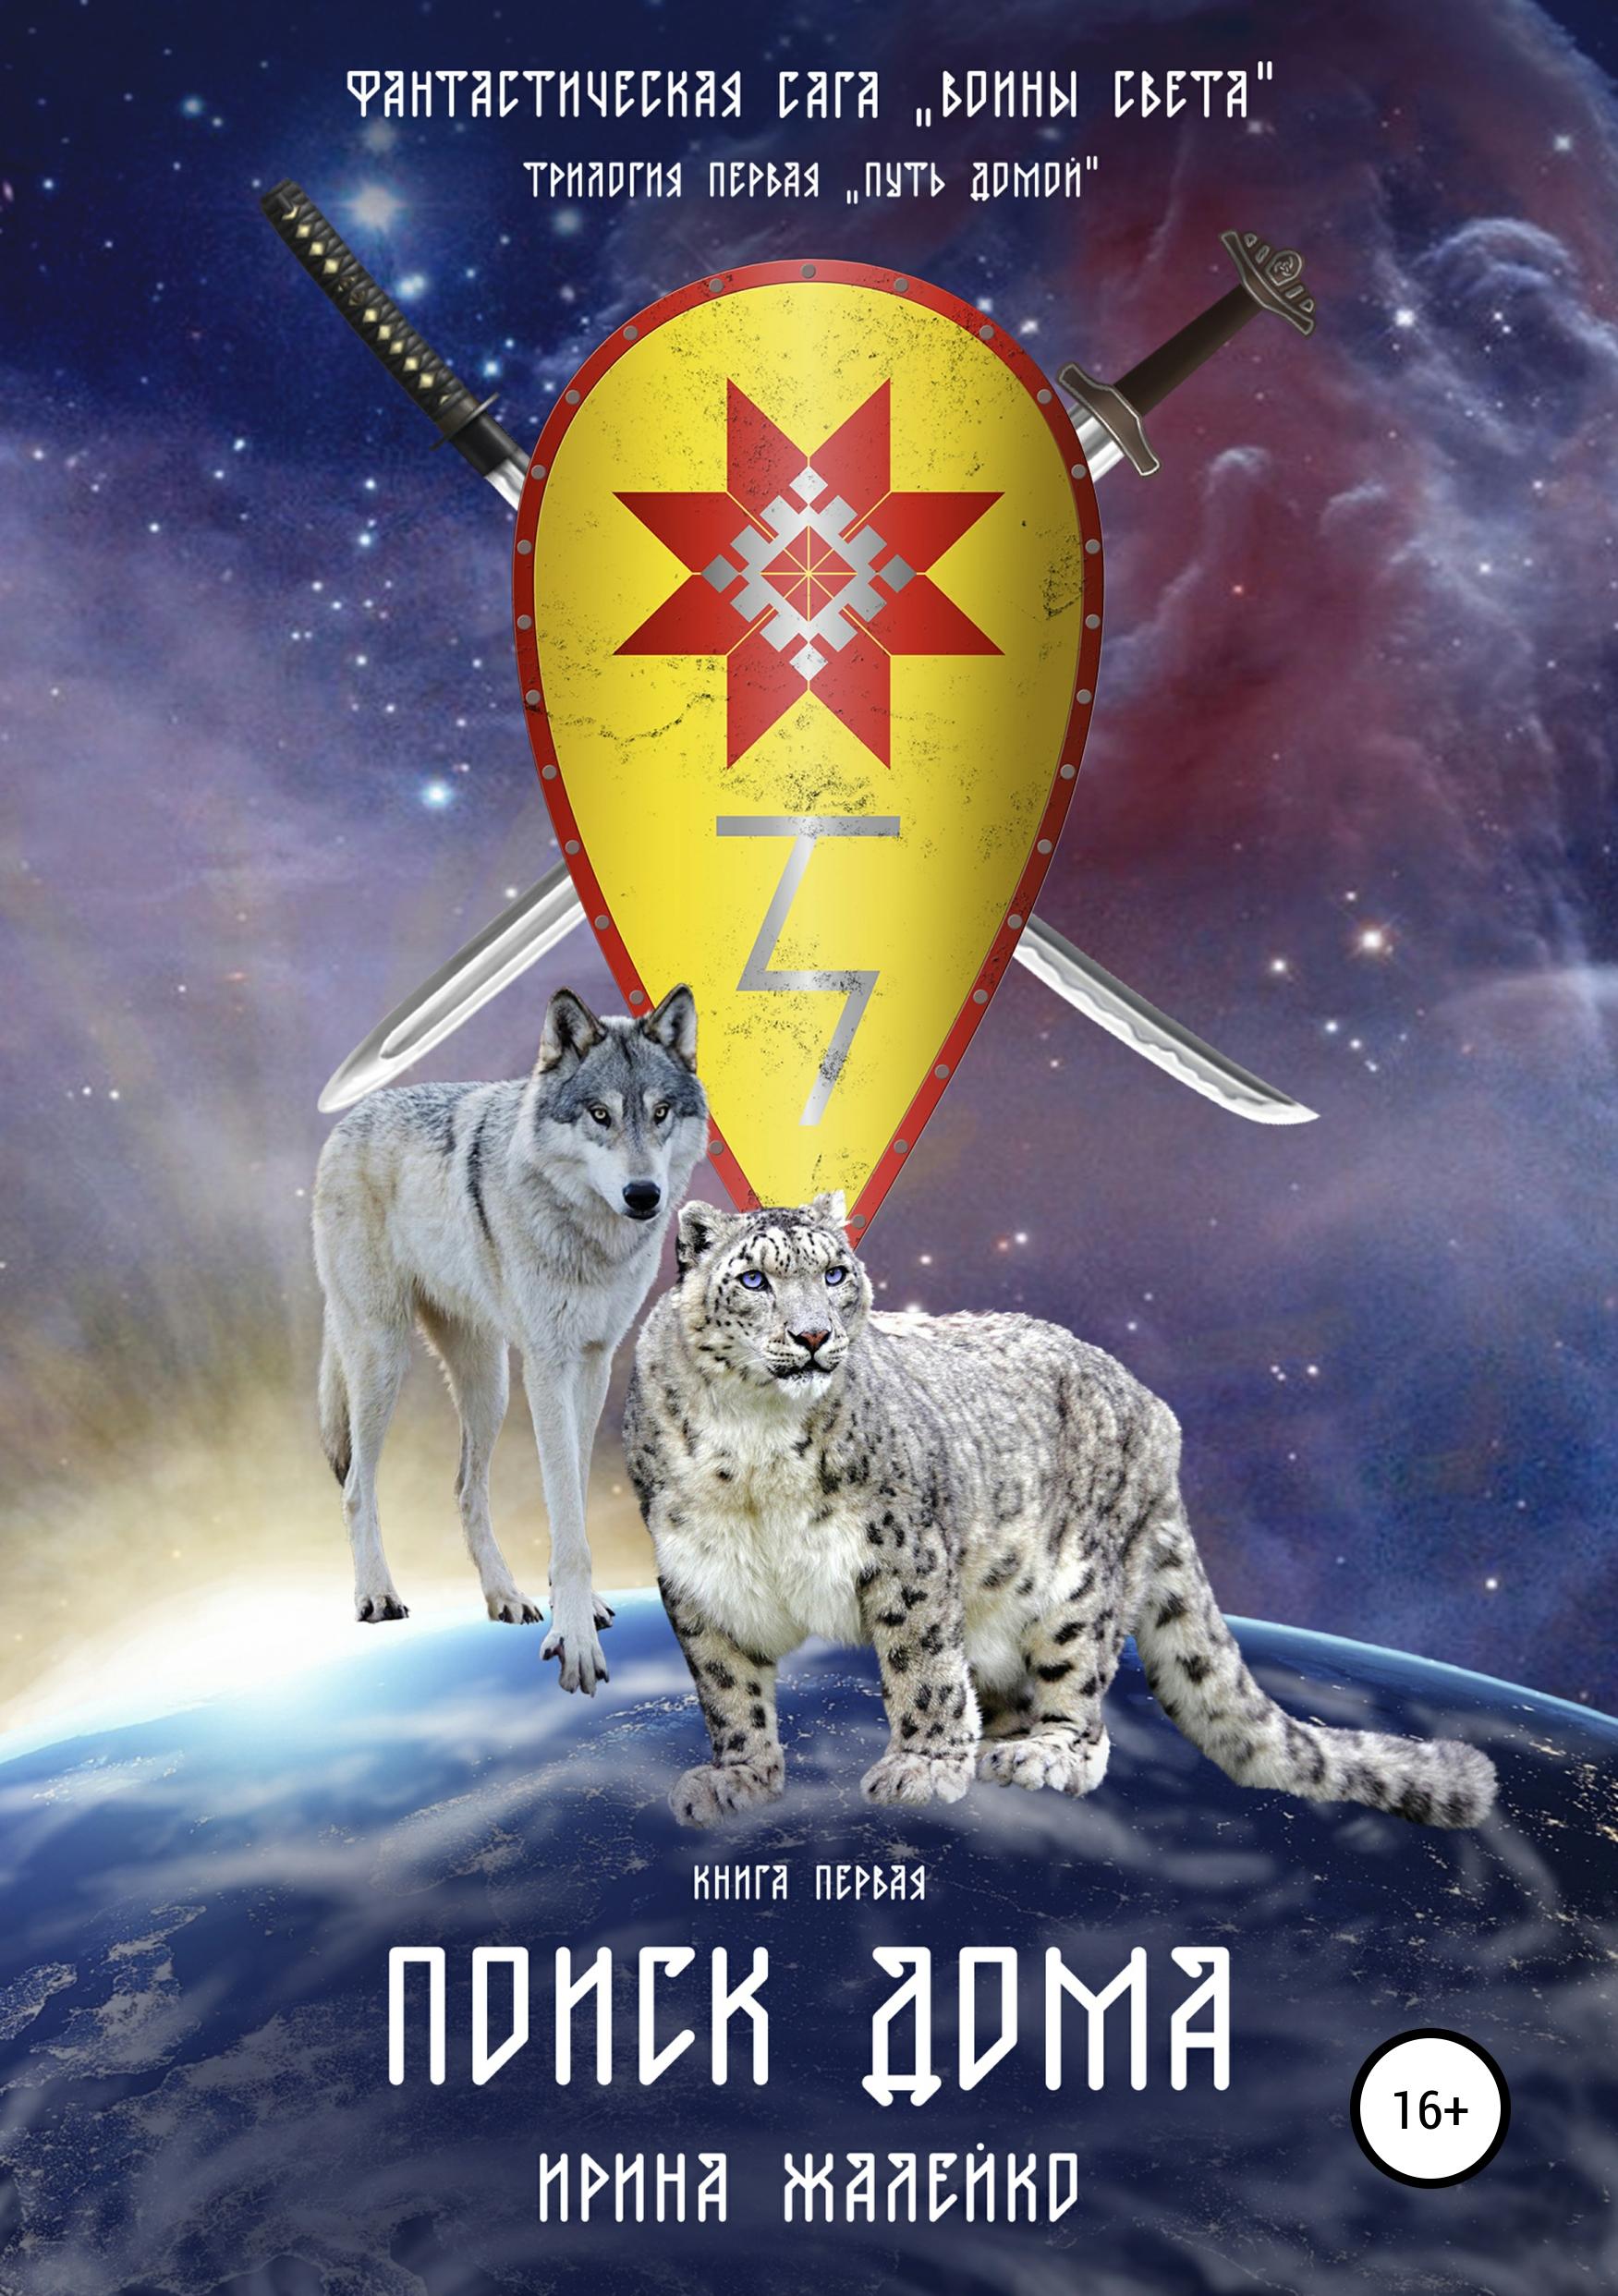 Ирина Жалейко Фантастическая сага «Воины света». Книга первая «Поиск дома» от мрака к свету